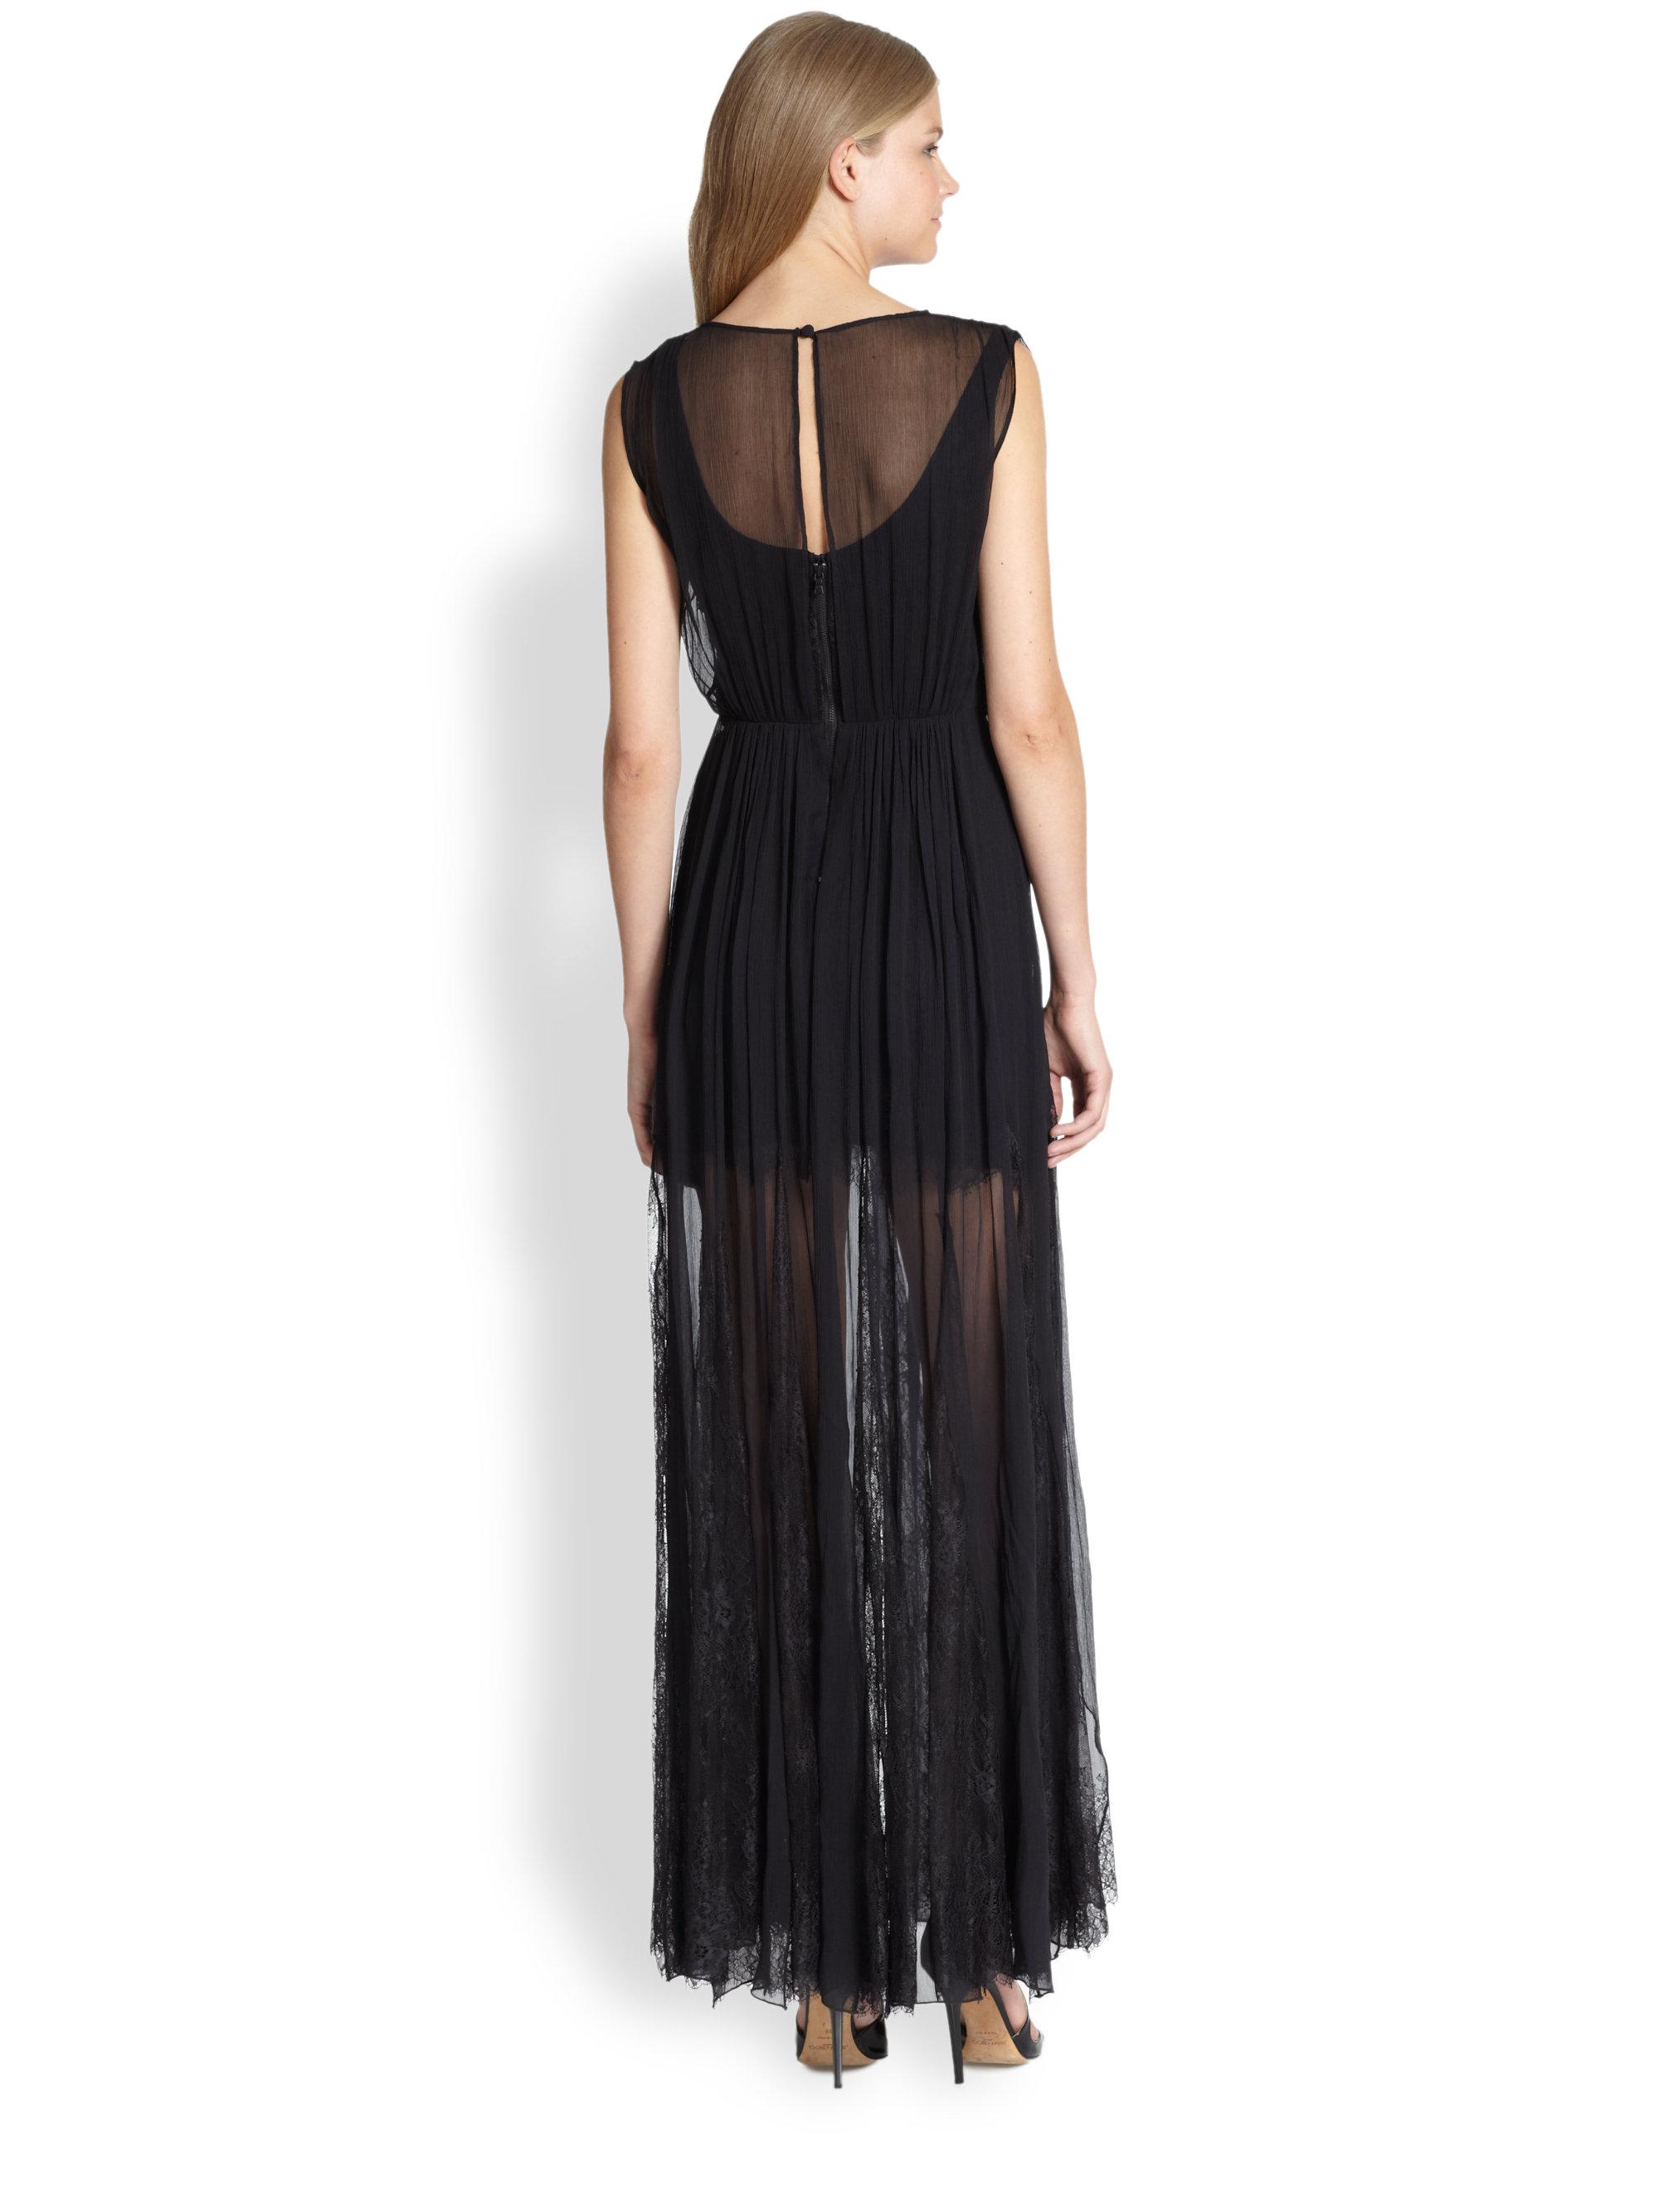 e02a1cb9de Alice + Olivia Sami Silk Lace Dress in Black - Lyst